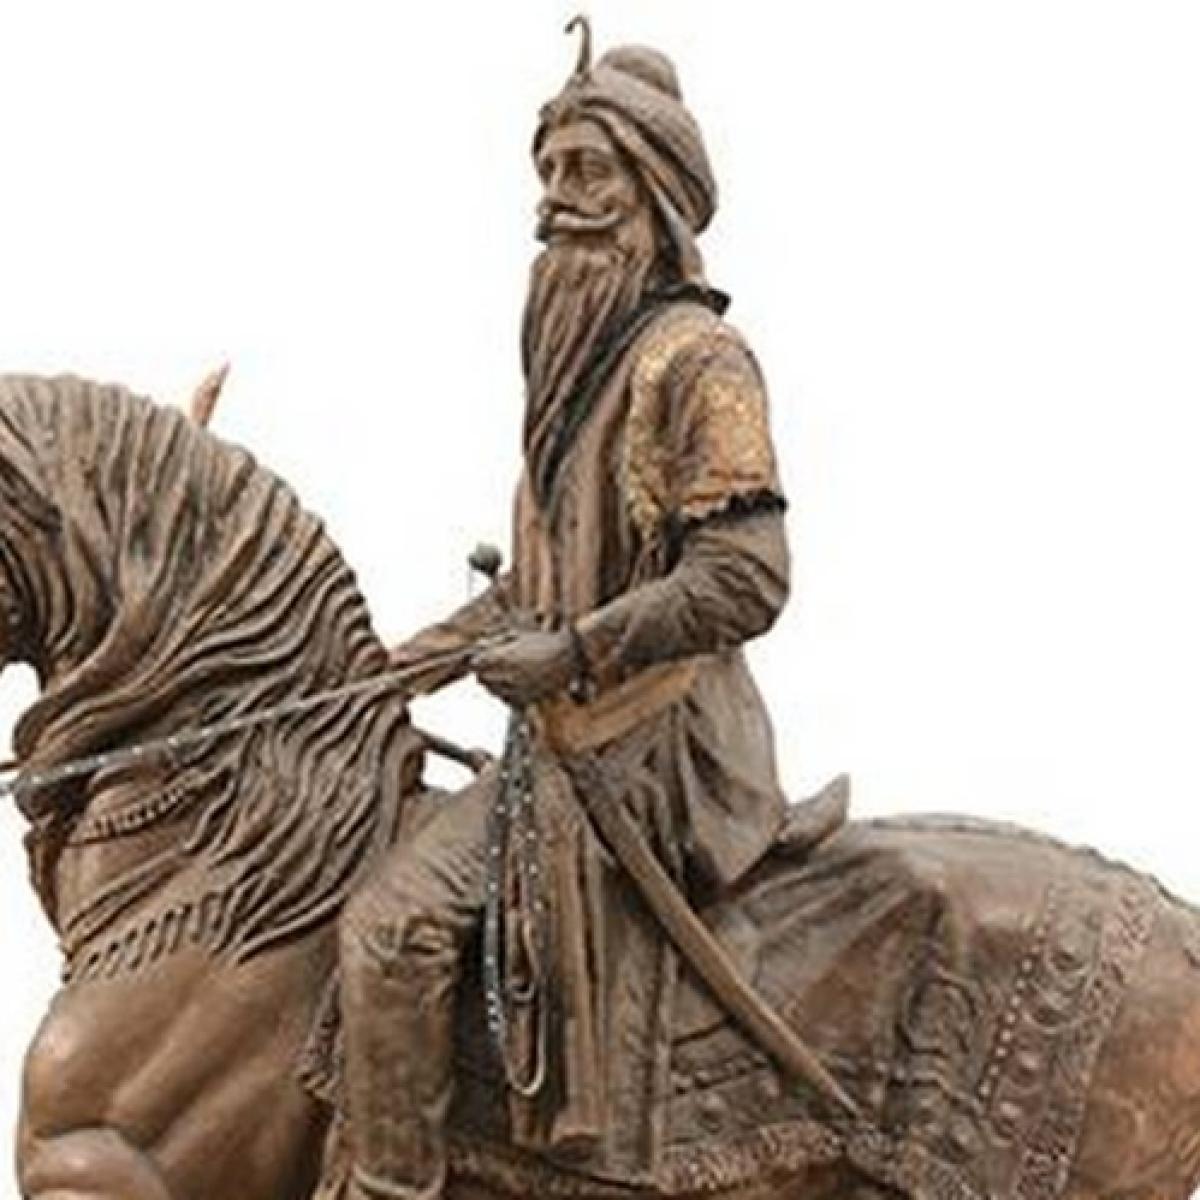 Statue of Maharaja Ranjit Singh vandalised in Pakistan